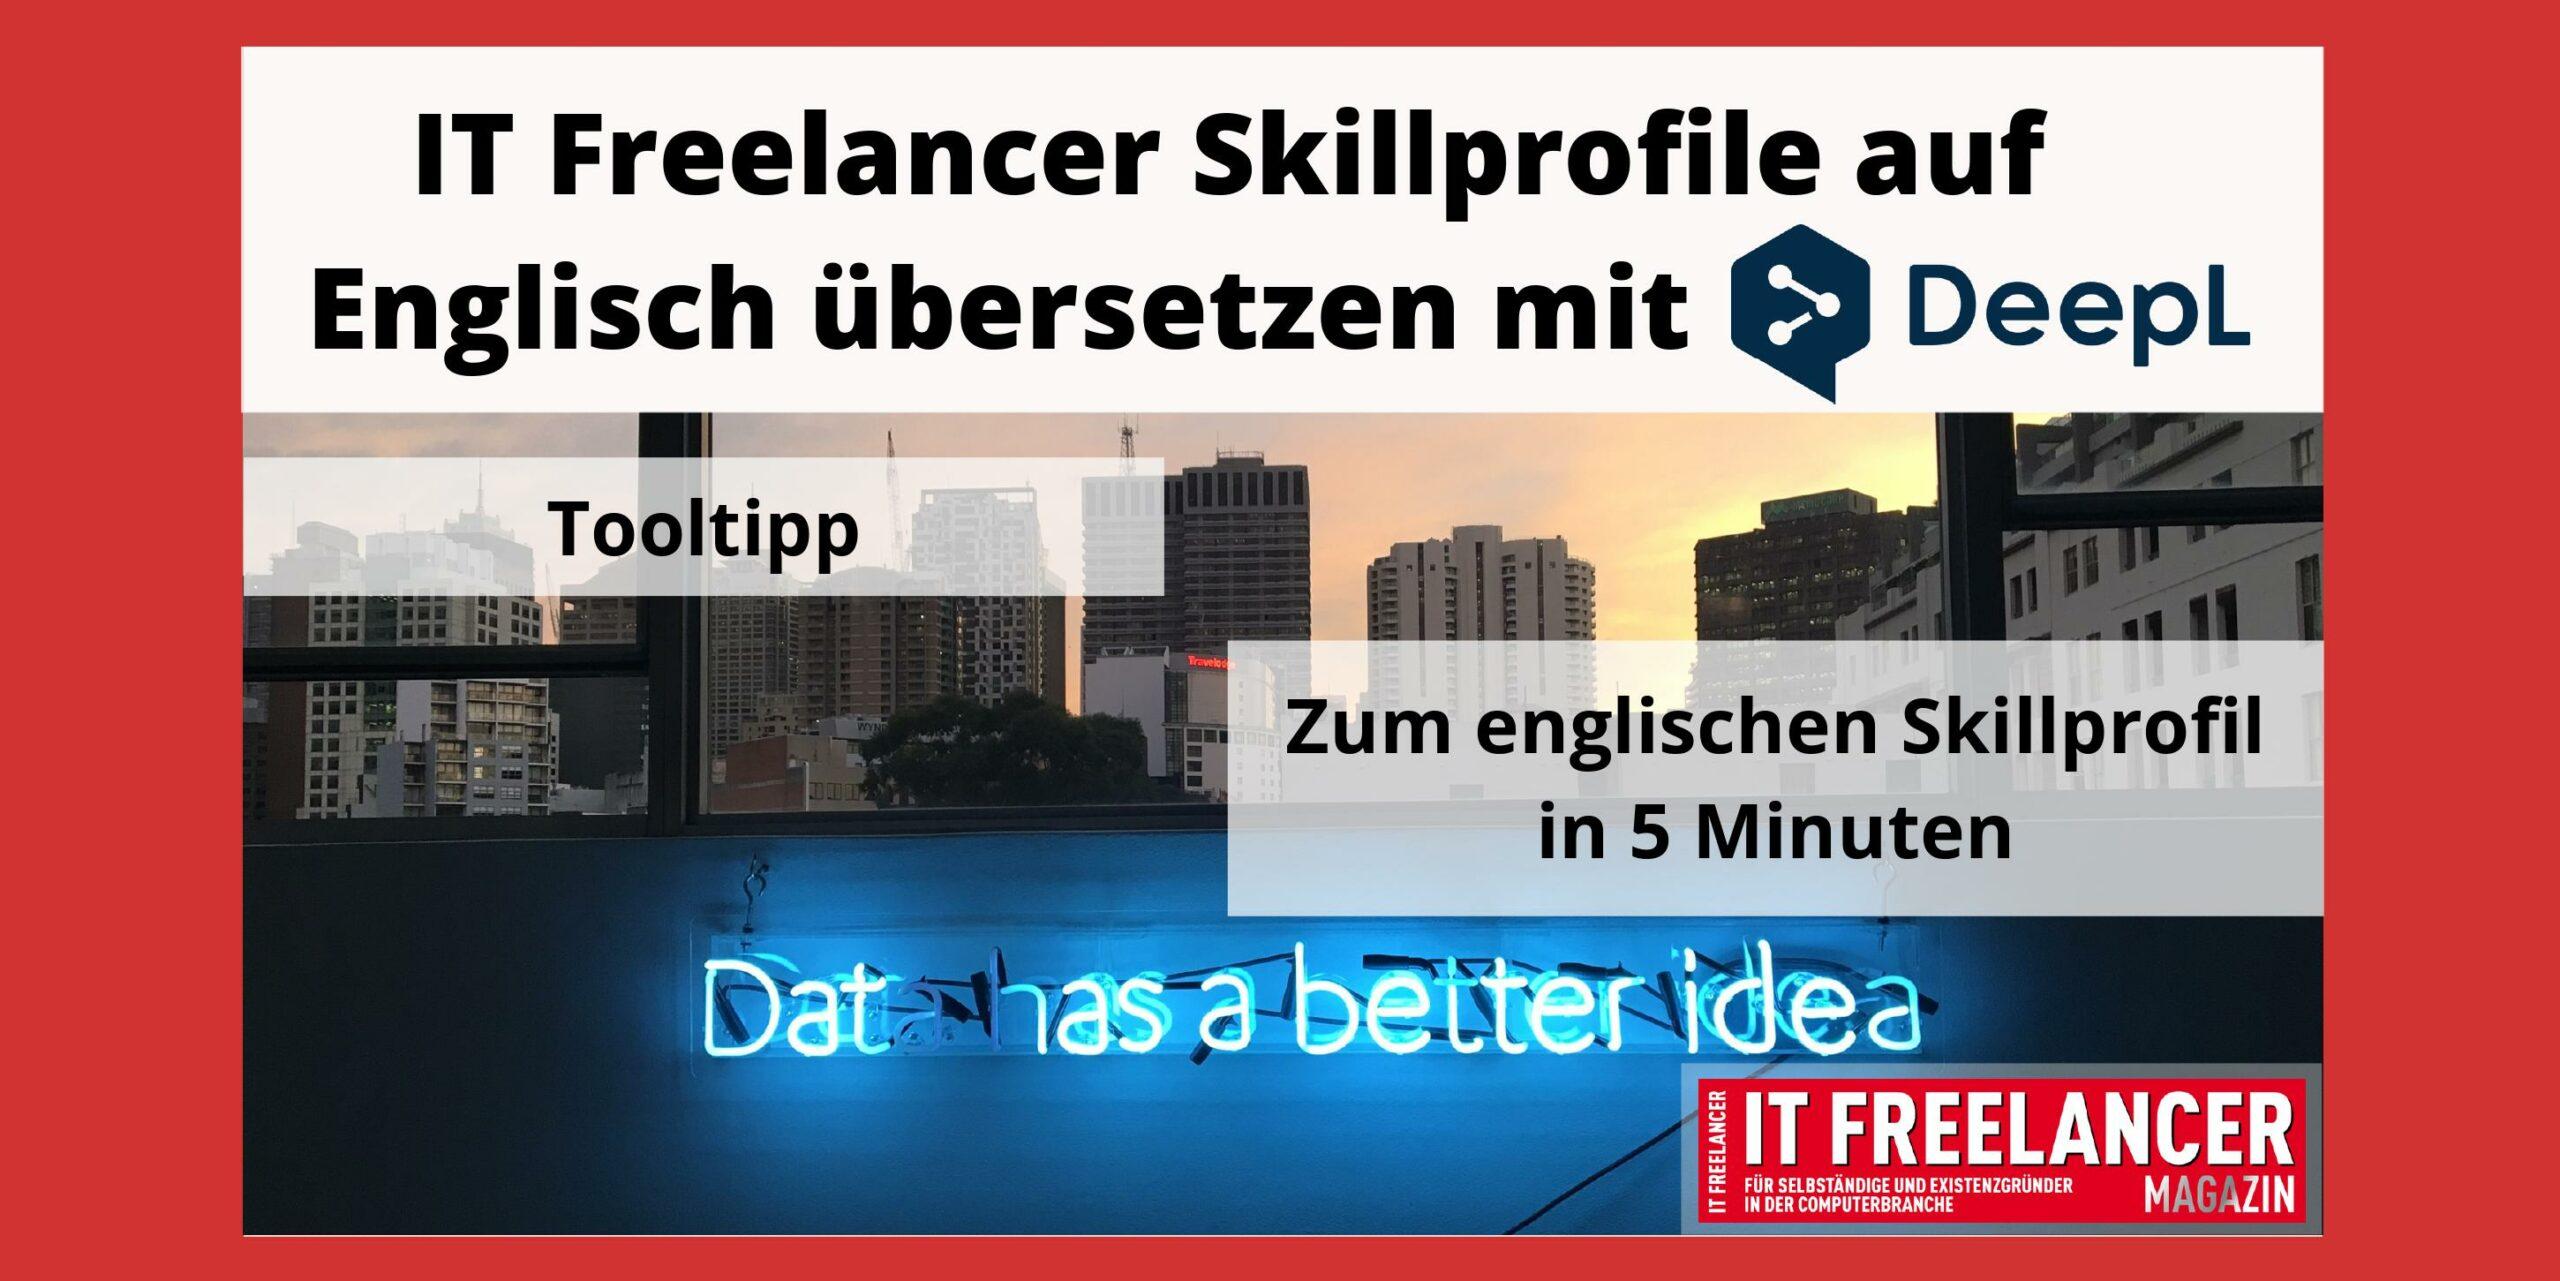 IT Freelancer Skillprofile übersetzen mit DeepL